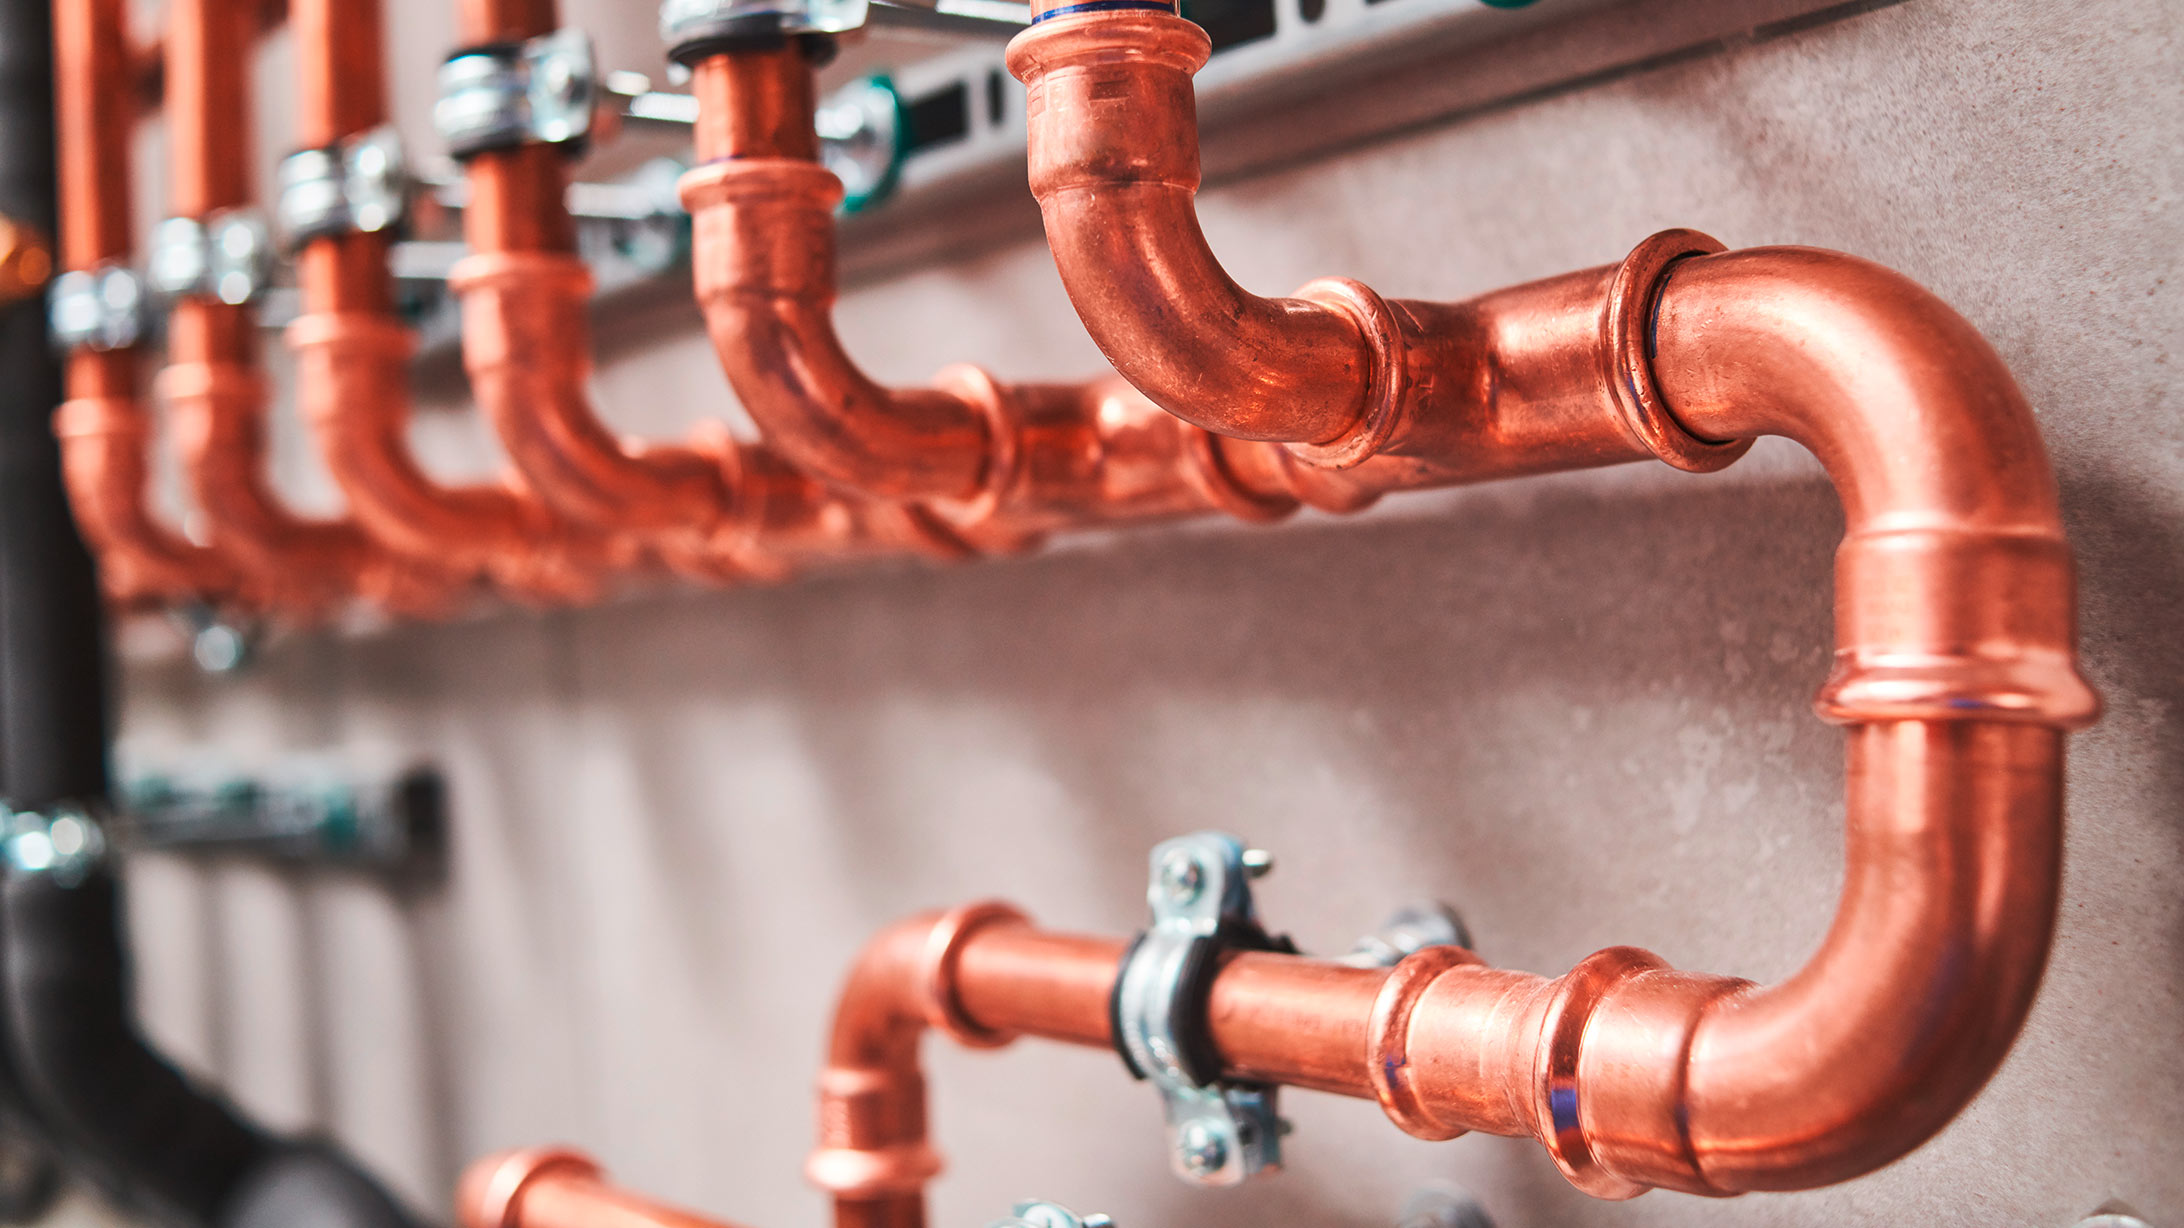 Orange-rote Heizungsrohre an einer Wand